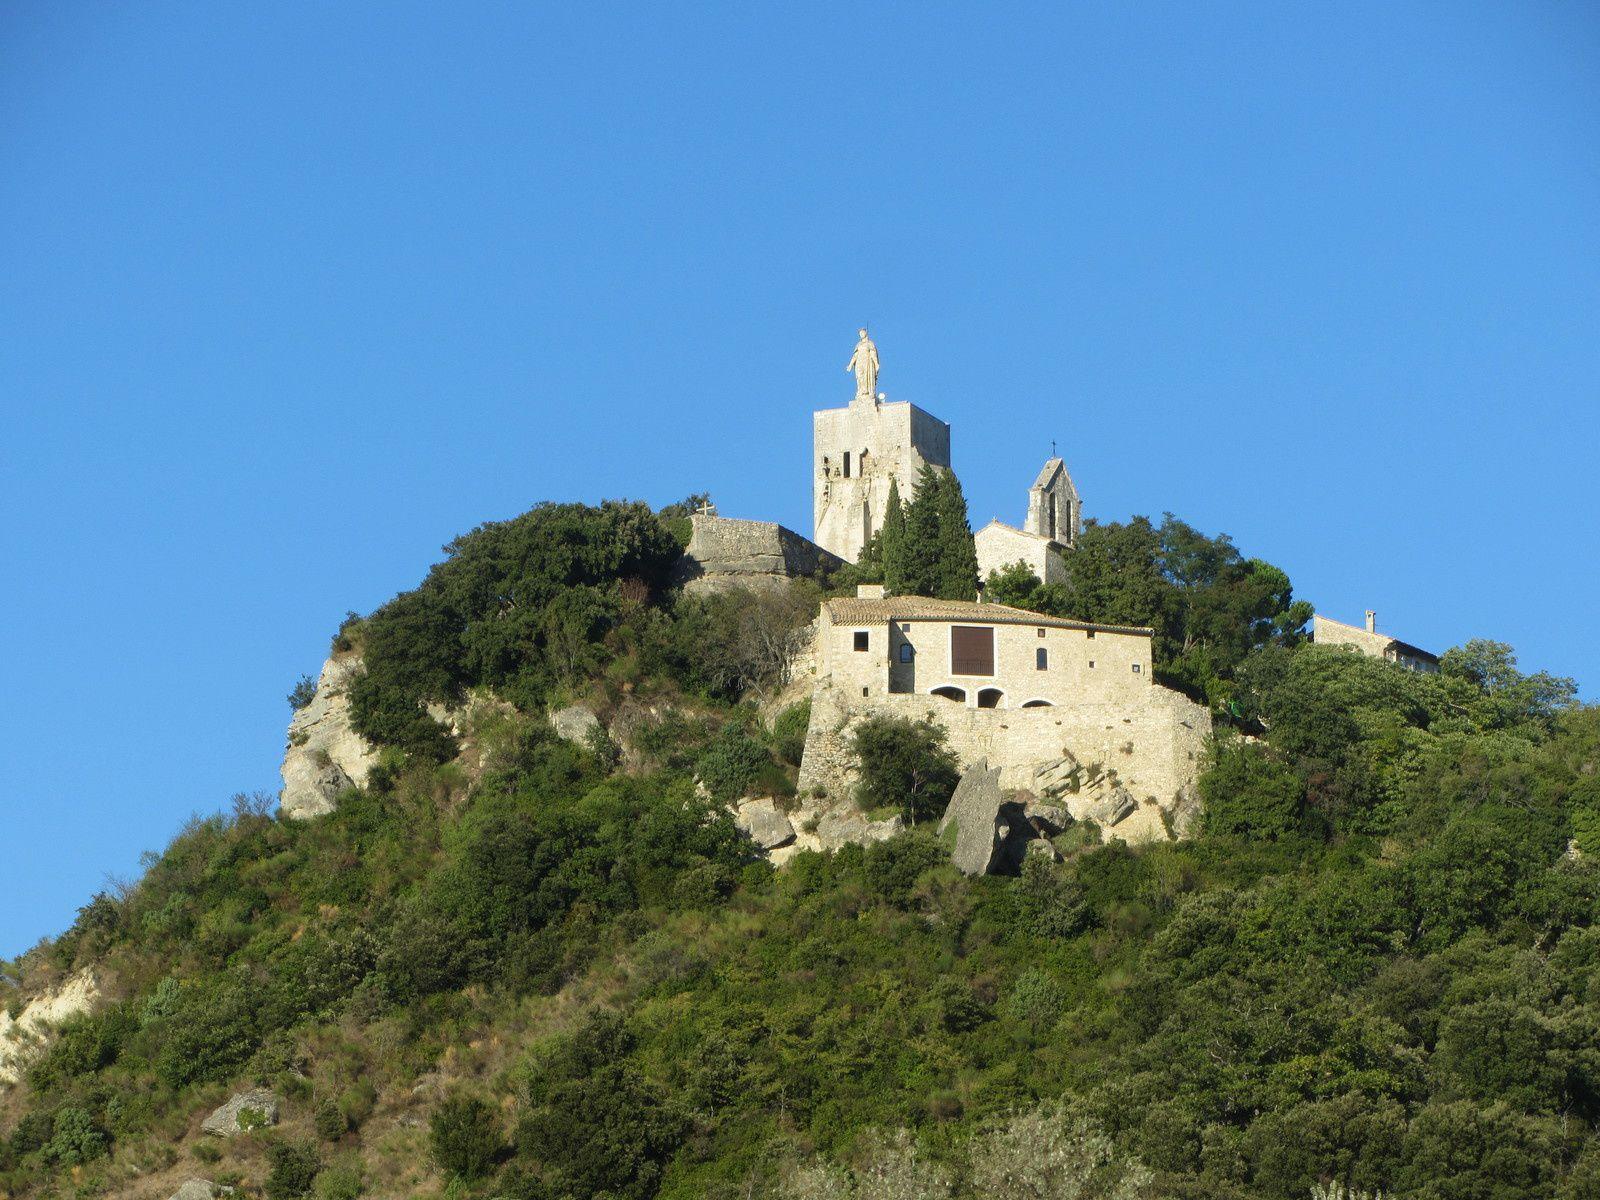 Clansayes est un petit village de la Drôme. On le voit de loin, poser ses maisons dominées, par la tour.